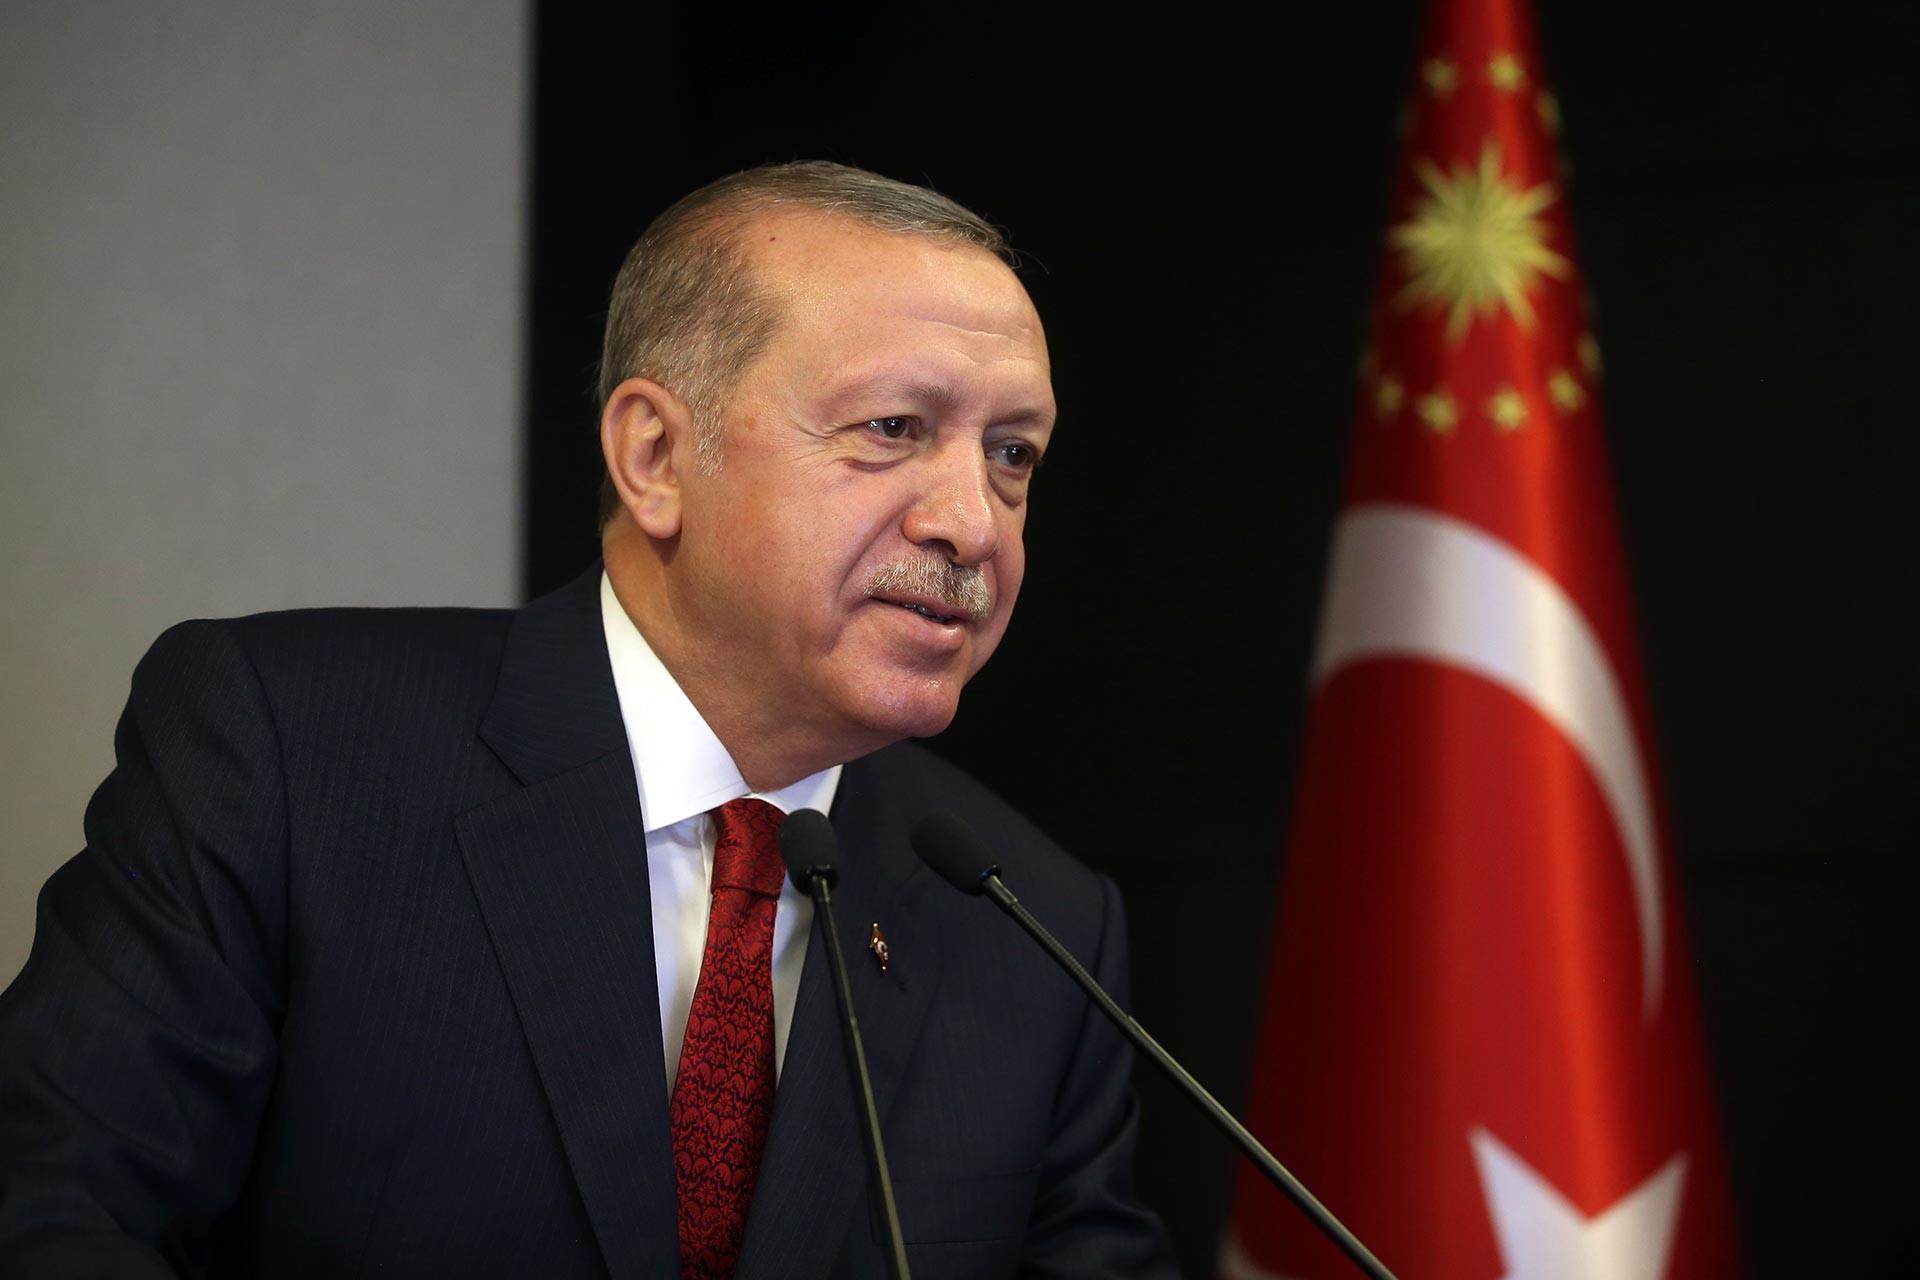 Cumhurbaşkanı Recep Tayyip Erdoğan, video konferans yöntemiyle katıldığı 23. Dönem Adli Yargı Hakim ve Cumhuriyet Savcıları Kura Töreni'nde konuşmasını yaparken.